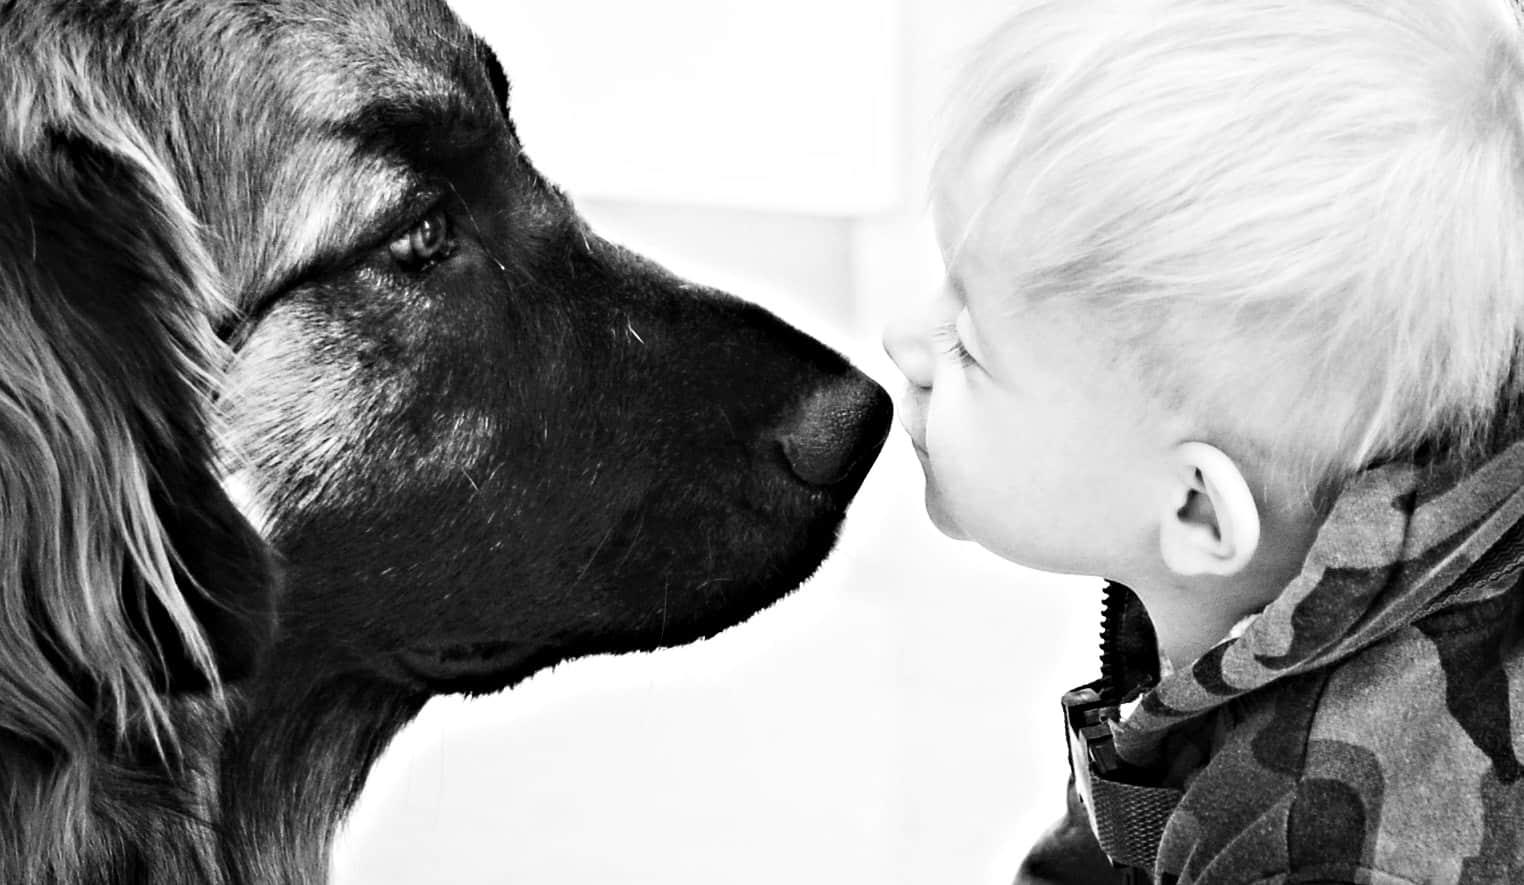 Ποιο είναι το καλύτερο σκυλί για οικογένεια;